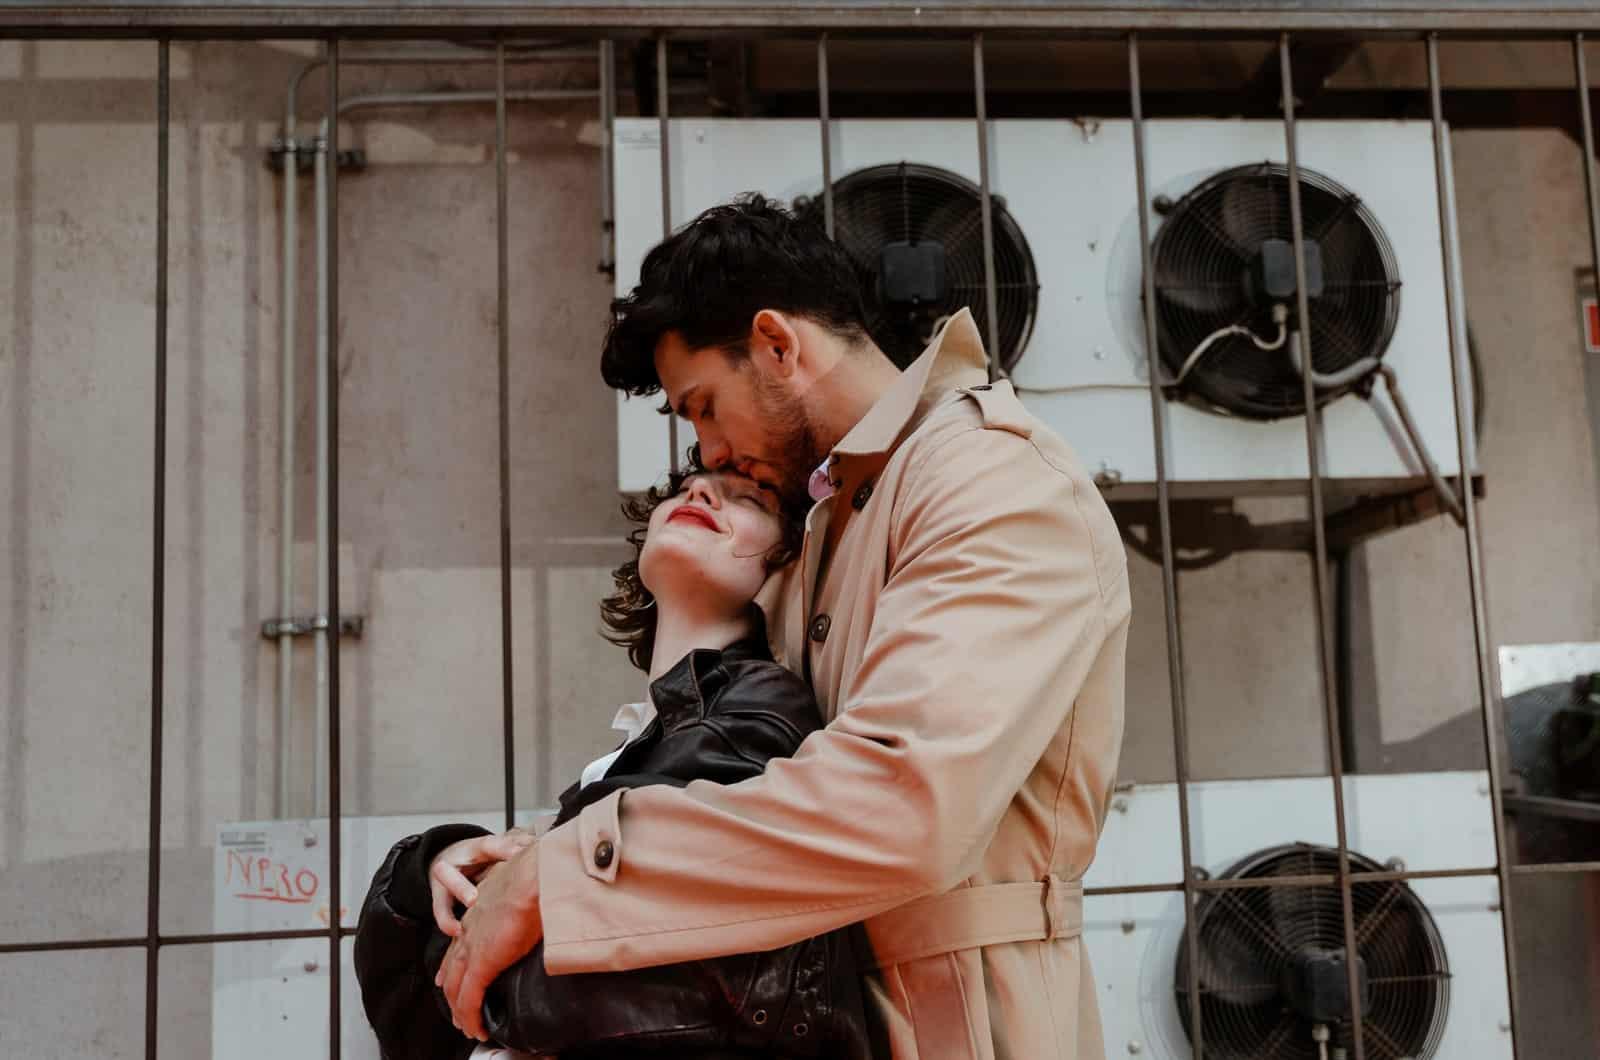 Paar posiert auf der Straße